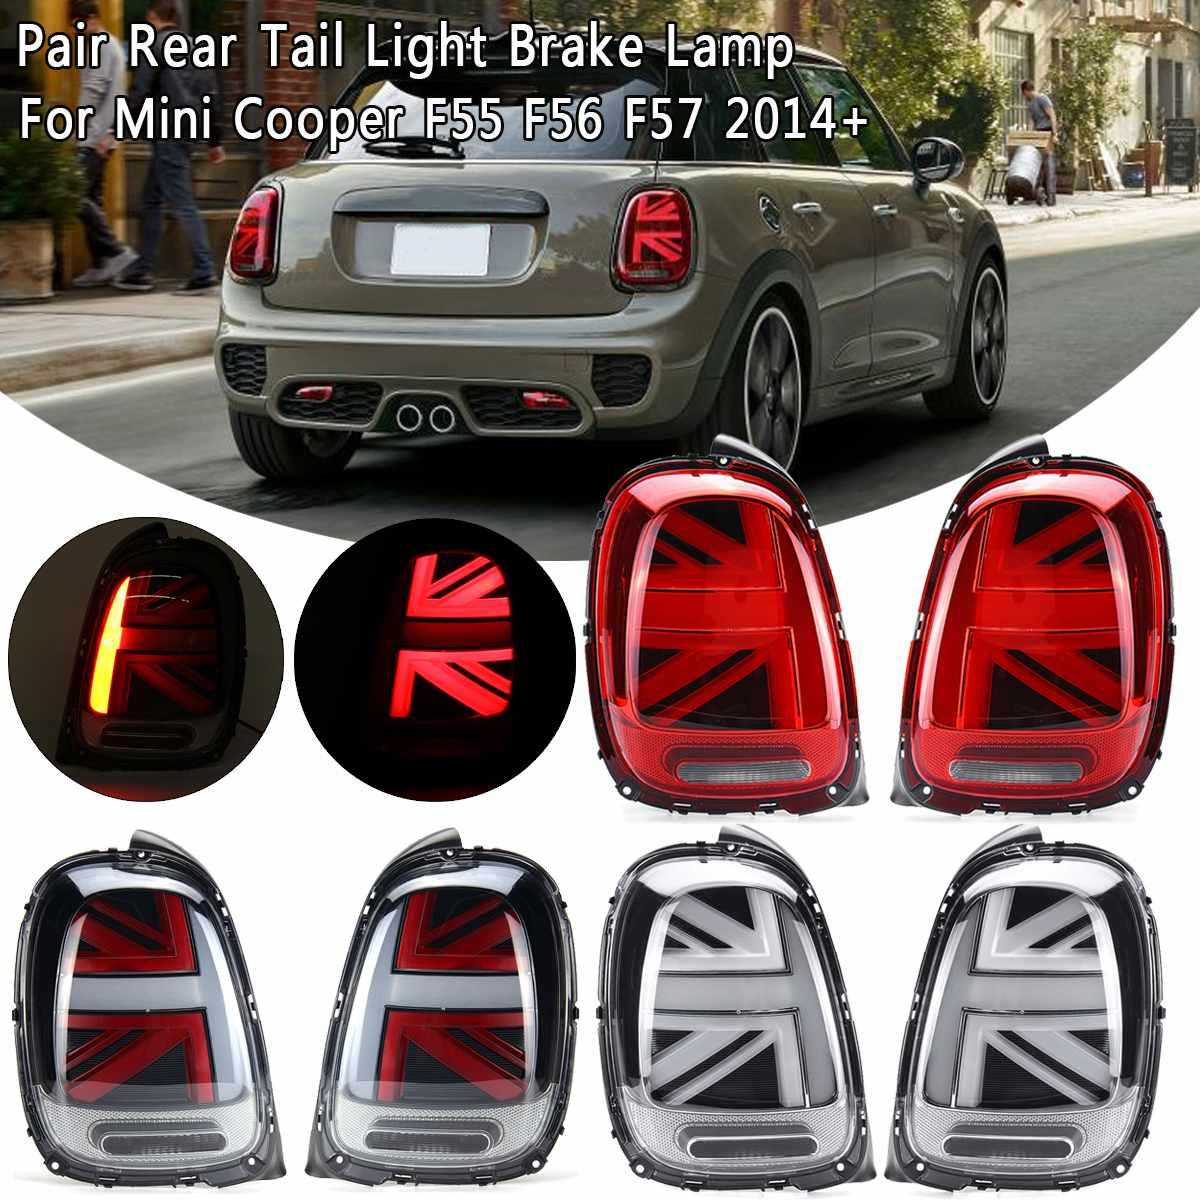 Pair Car Tail Light Universal For Mini Cooper F55 F56 F57 2014 2015 2016 2017 2018+ LED W/ Bulb Rear Reverse Lamp Tail Fog Light